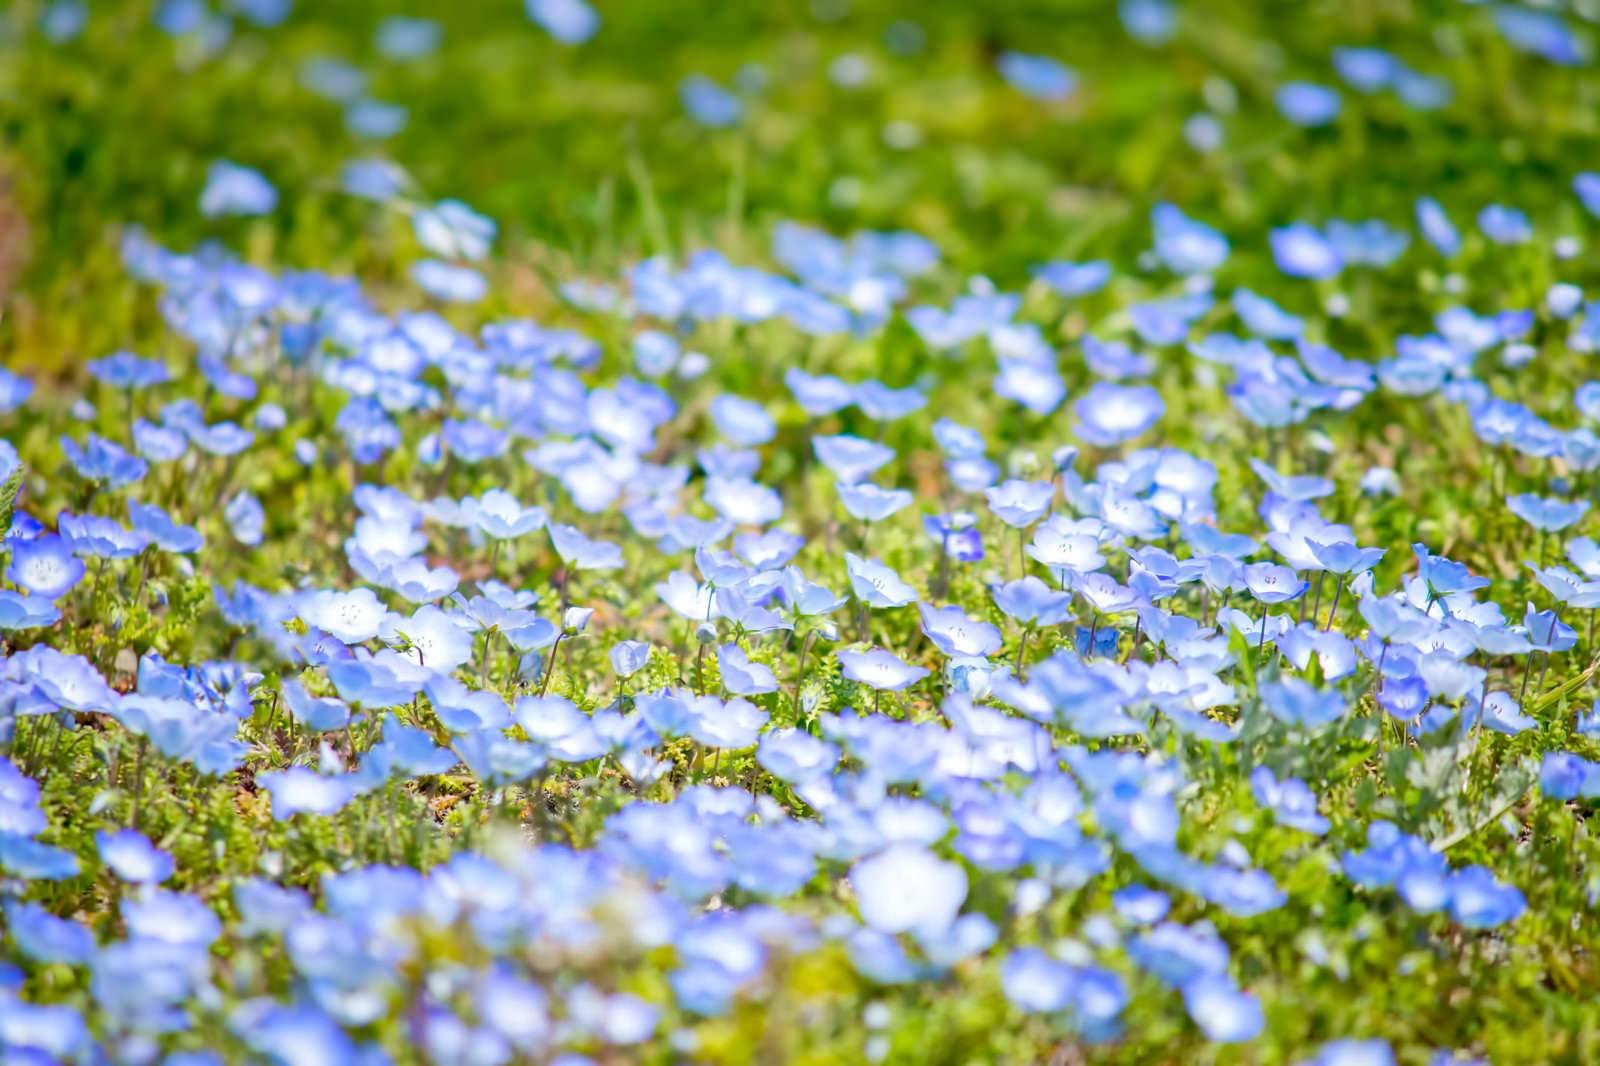 「青い小さな花」の写真